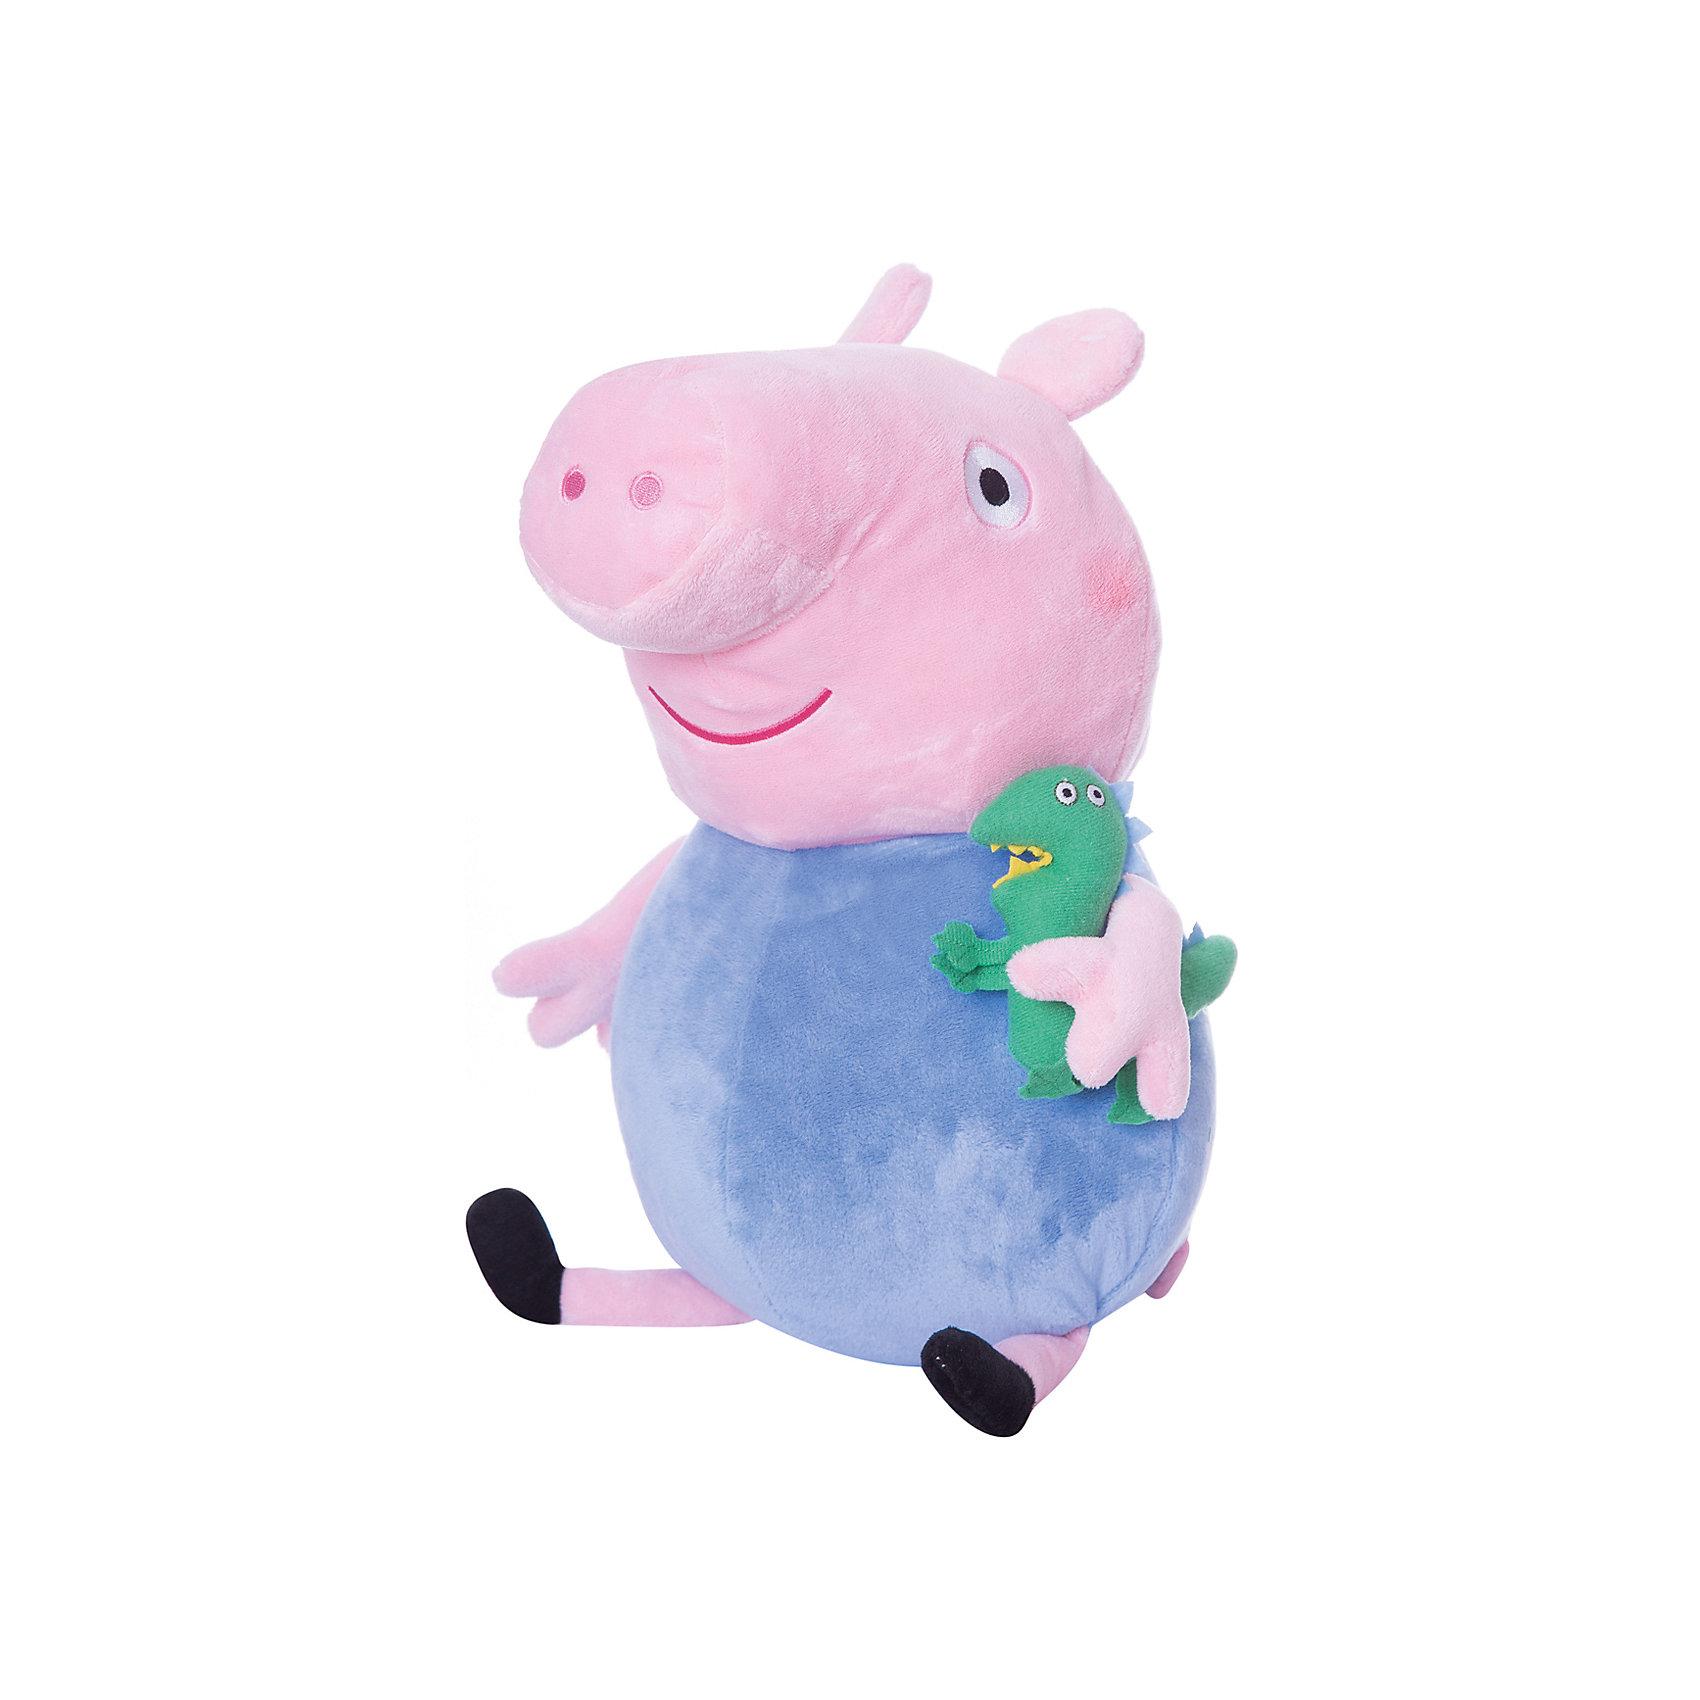 Росмэн Мягкая игрушка Джордж с динозавром, 40 см, Свинка Пеппа мягкая игрушка peppa pig джордж с машинкой свинка розовый текстиль 18 см 29620